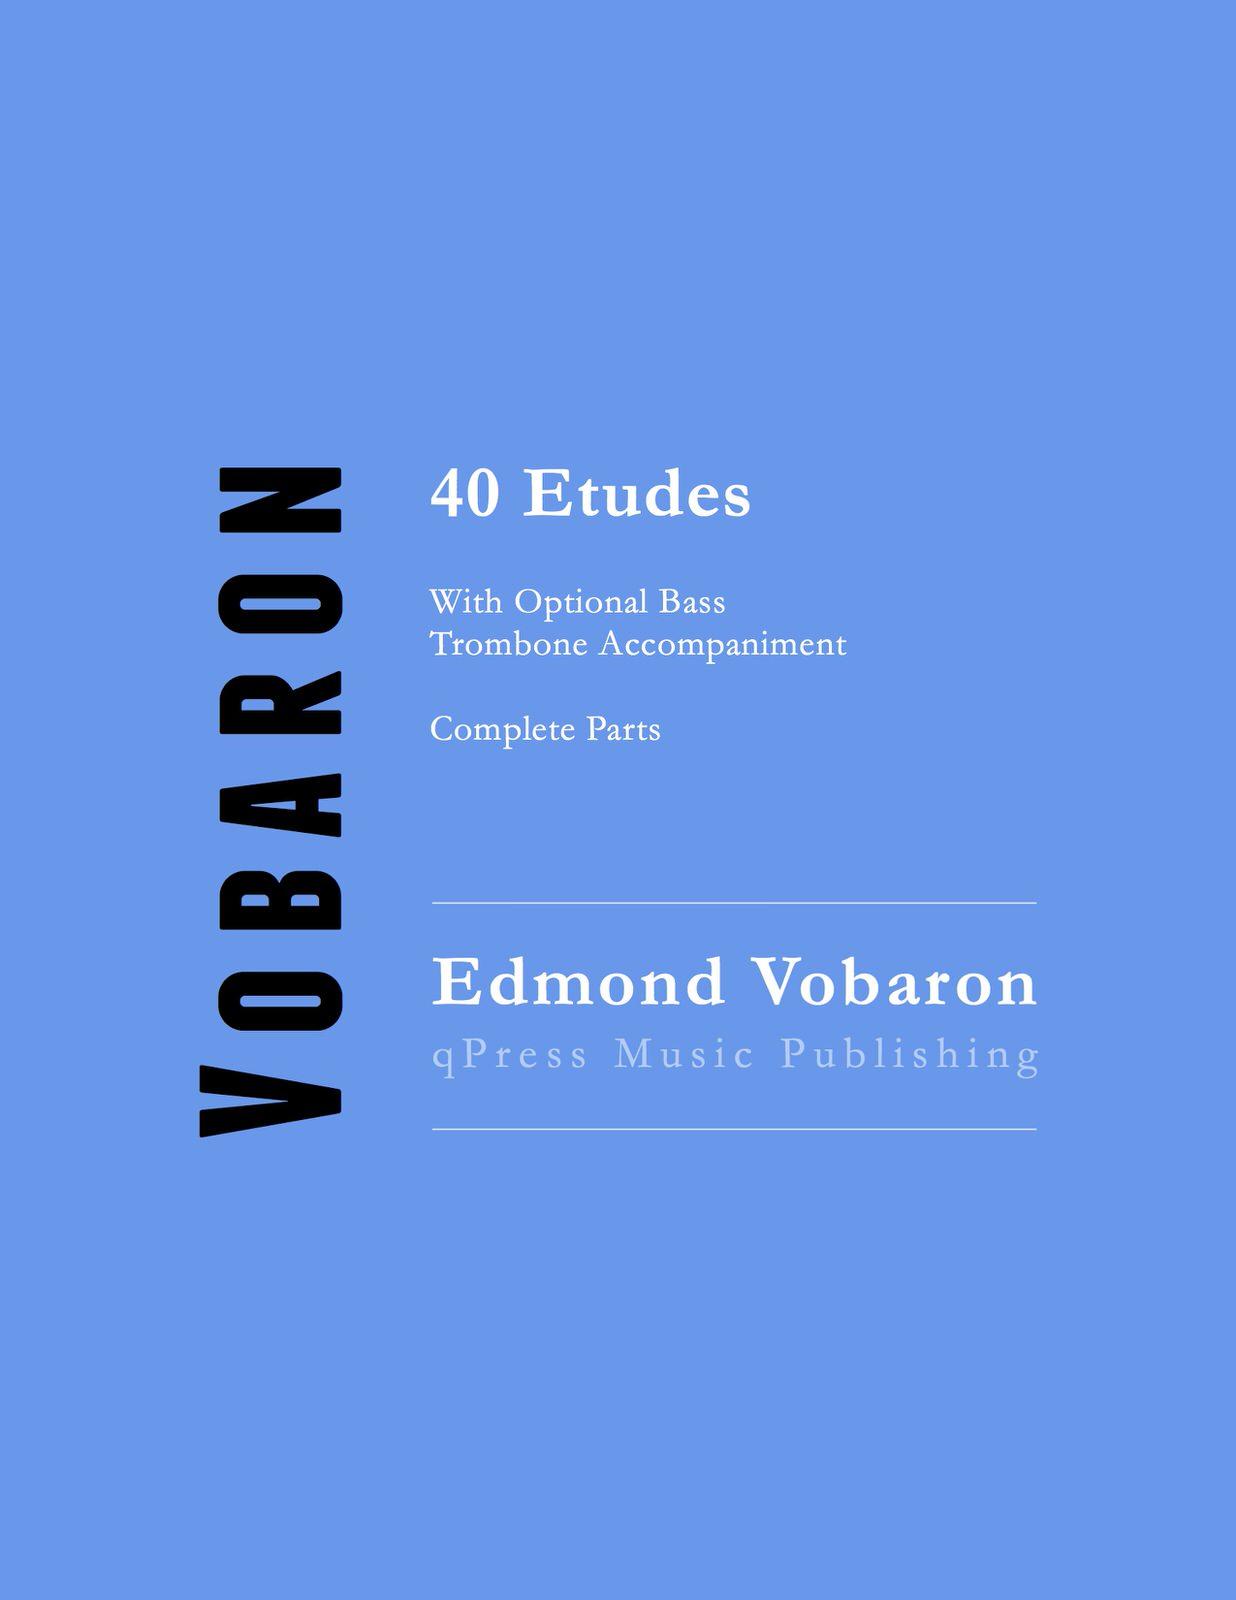 Vobaron 40 Etudes Complete Parts Cover-p1